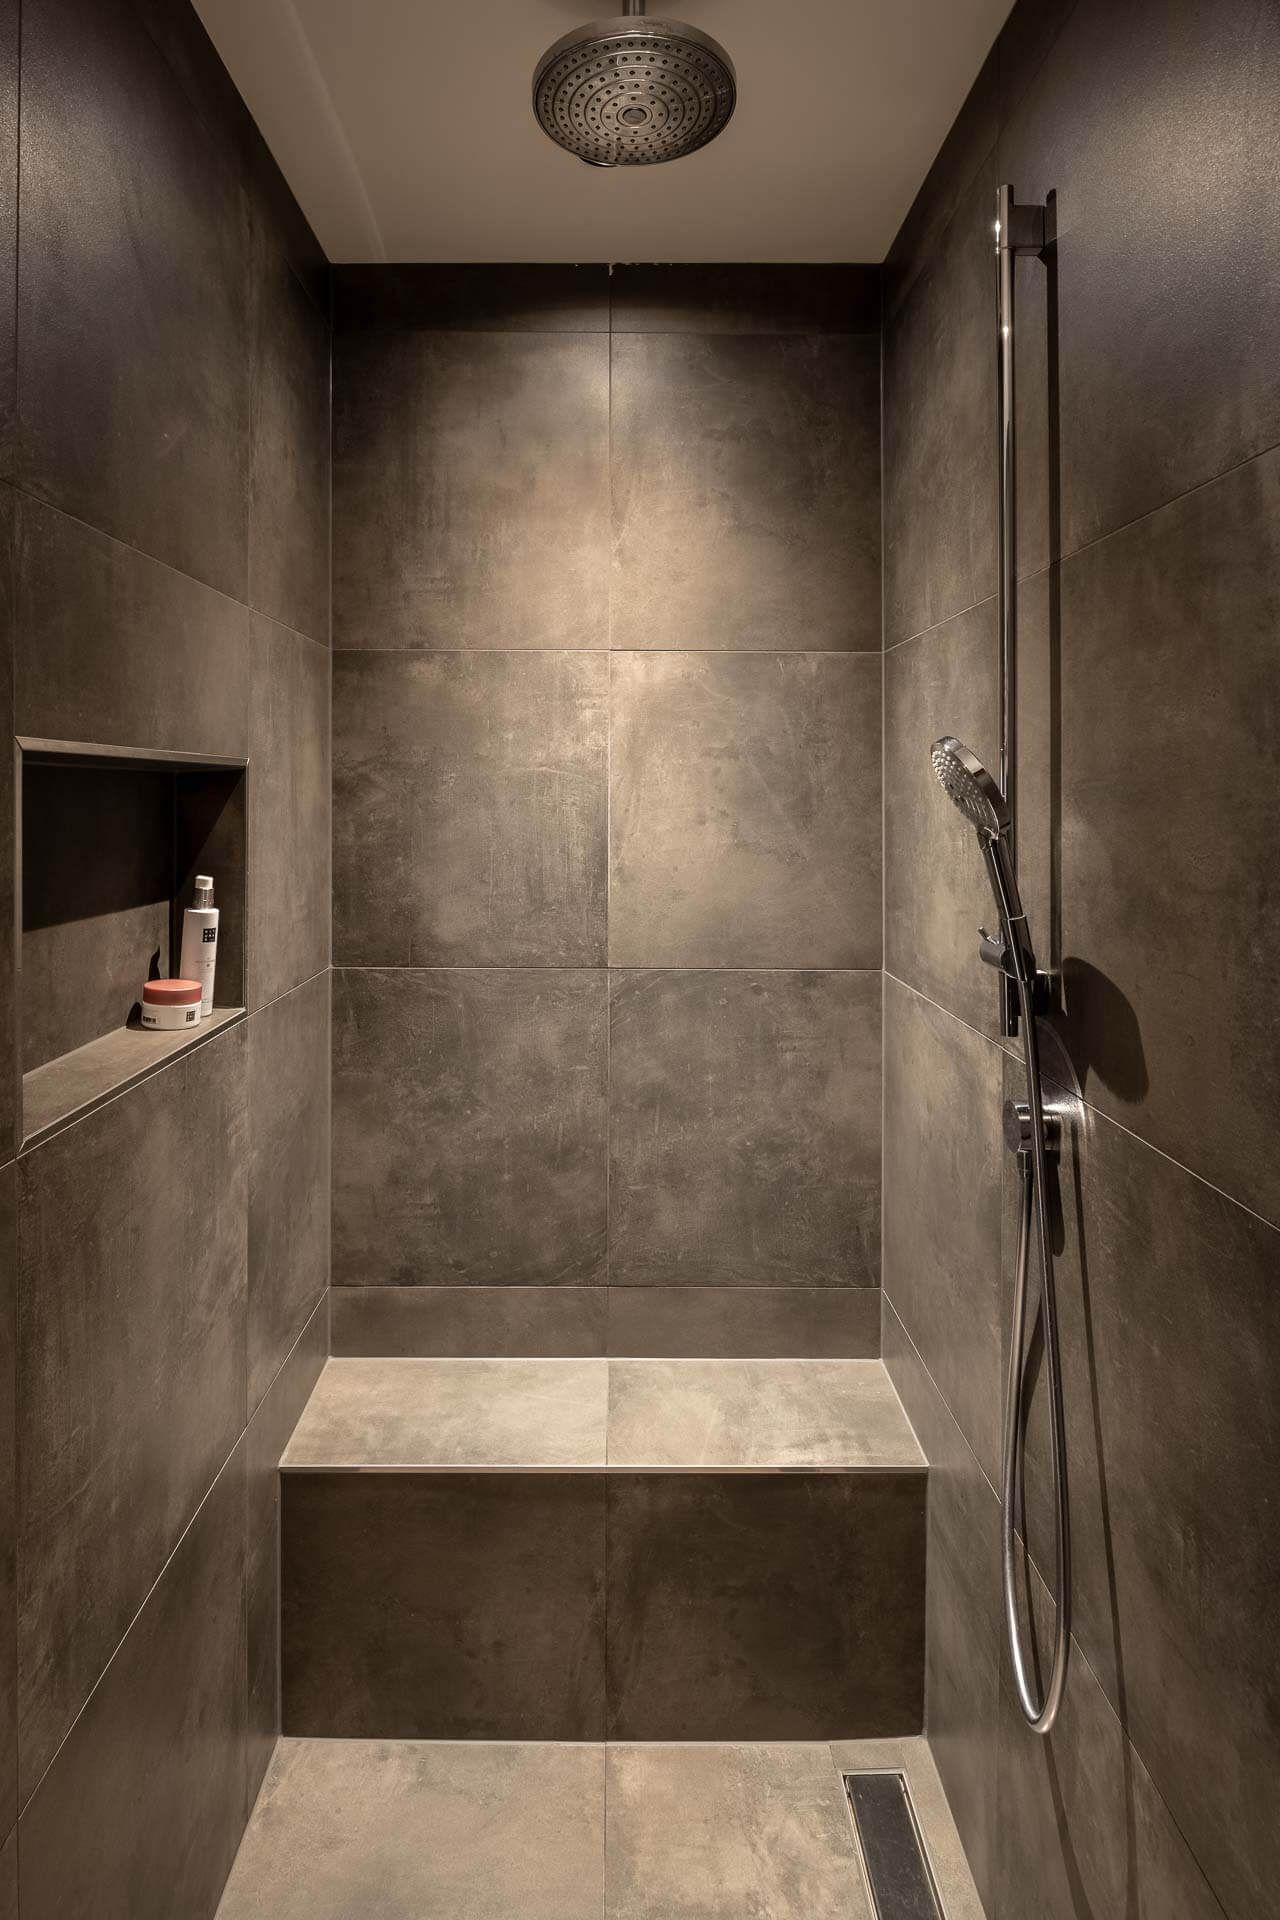 Badkamer Doorwerth - Regge Tegels & Vloeren #badkamerinspiratie